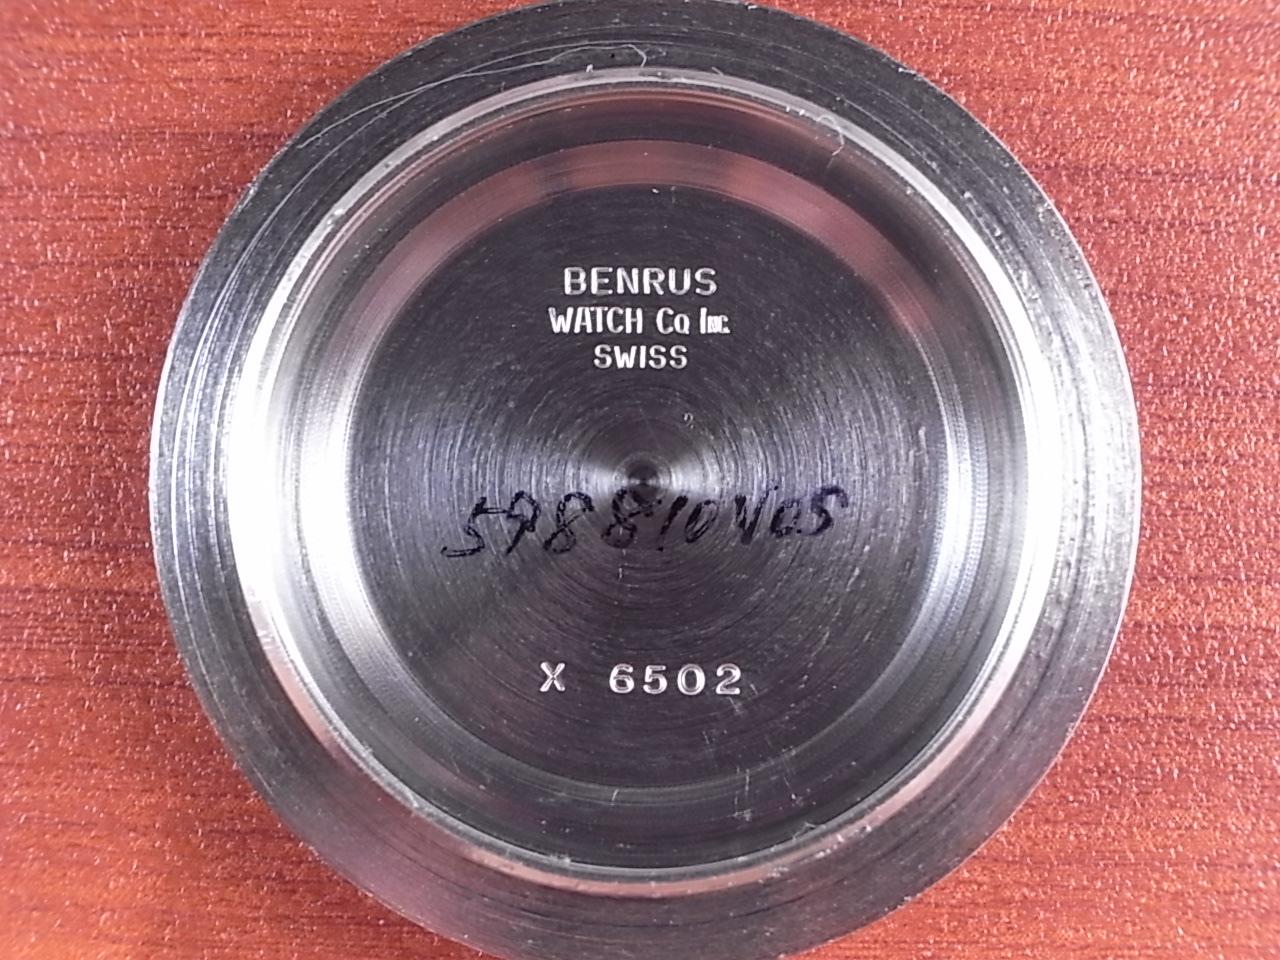 ベンラス ウルトラディープ ダイバーズウォッチ トノーケース 1970年代の写真6枚目